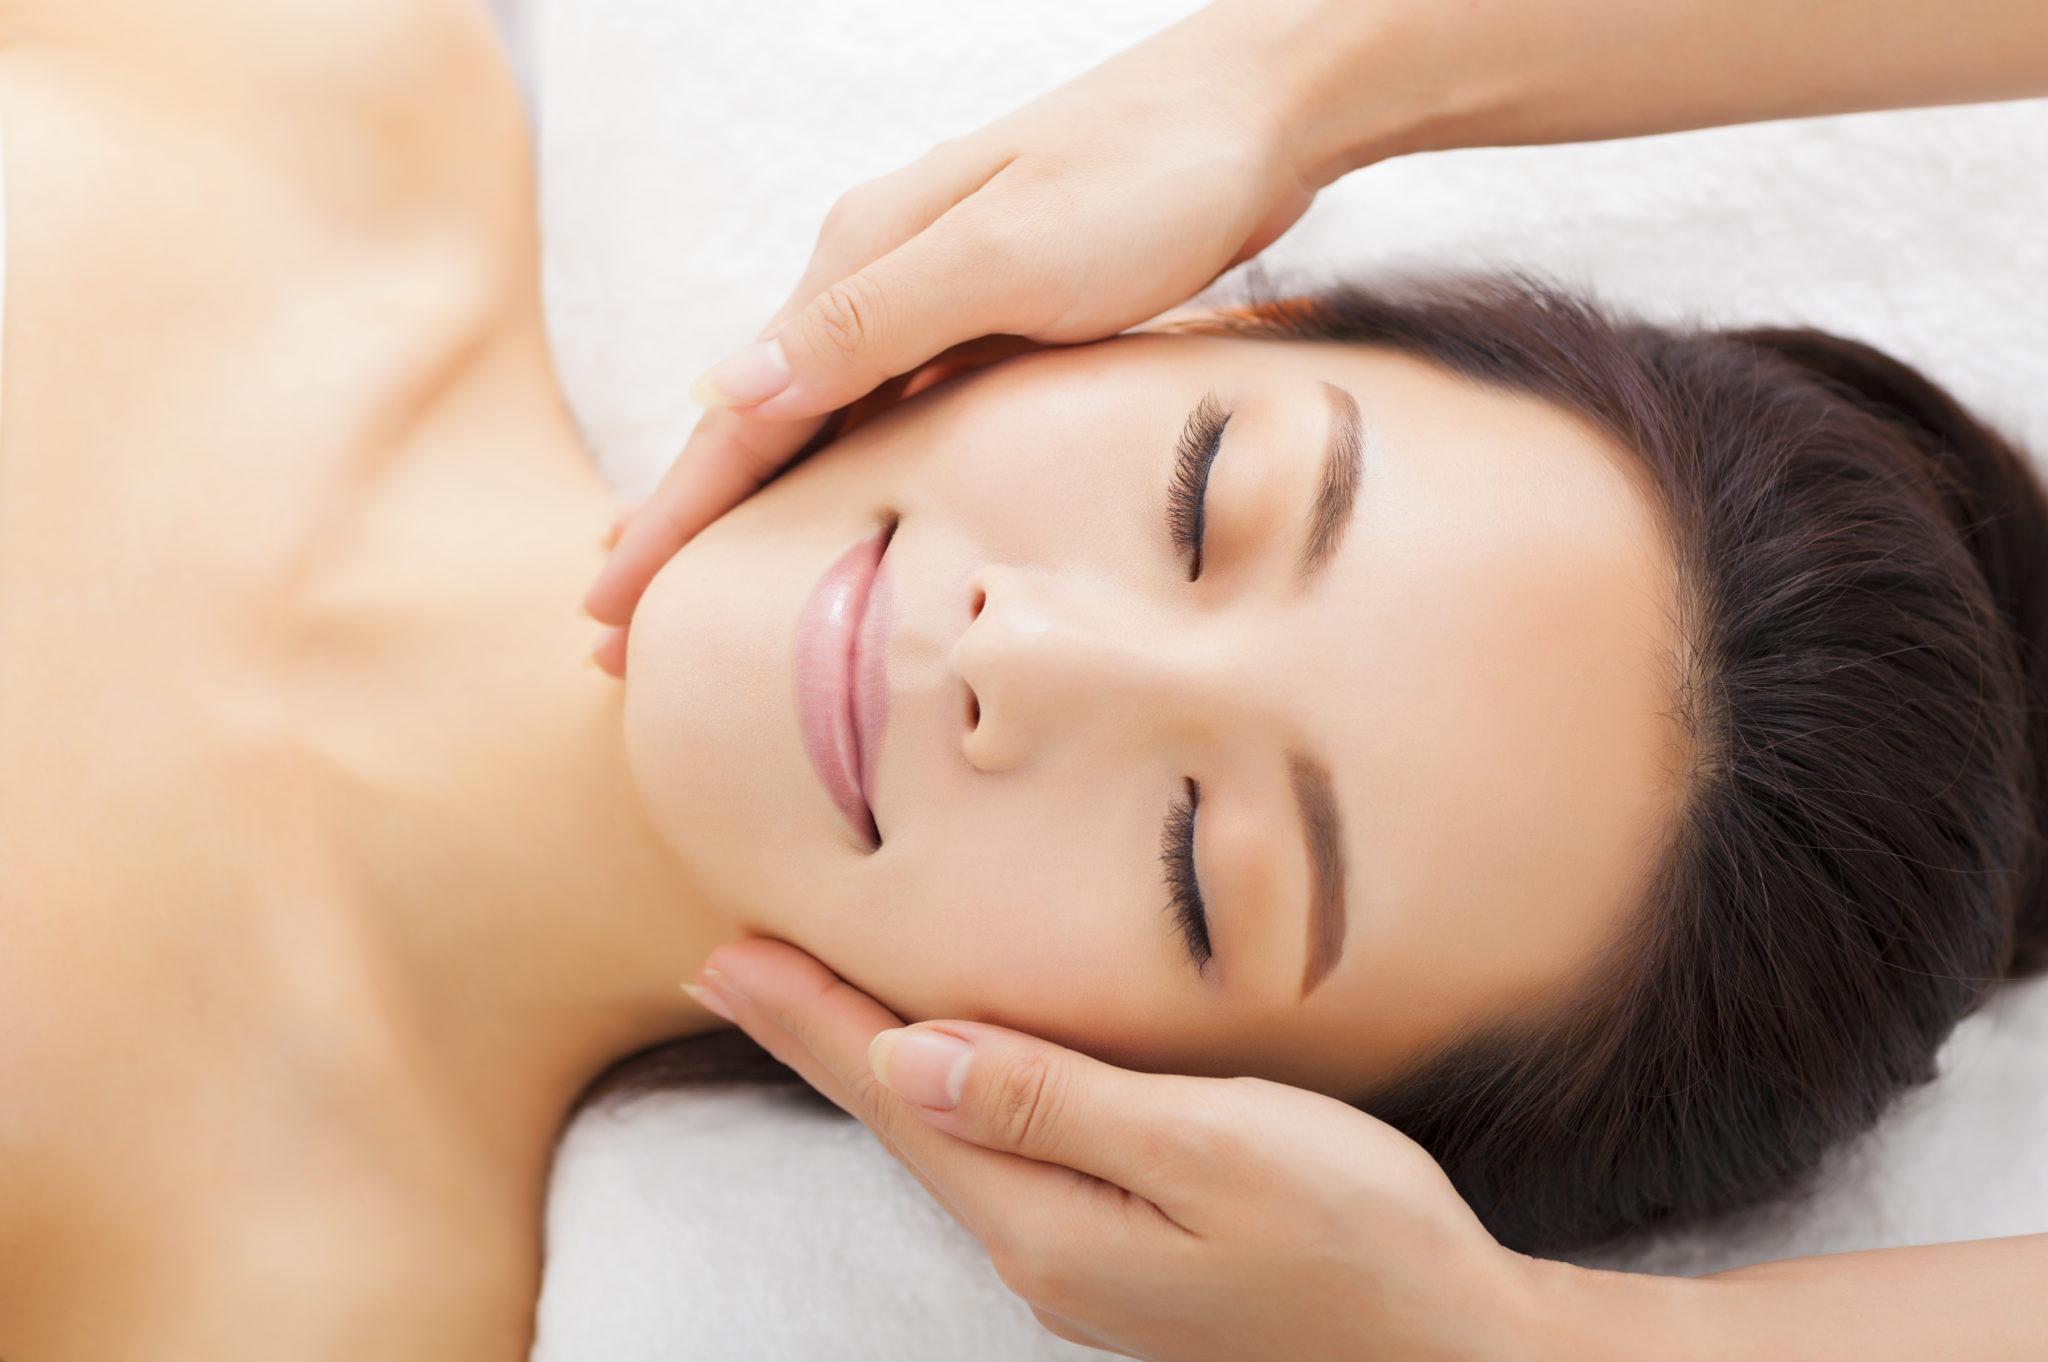 Facial & Beauty Massage